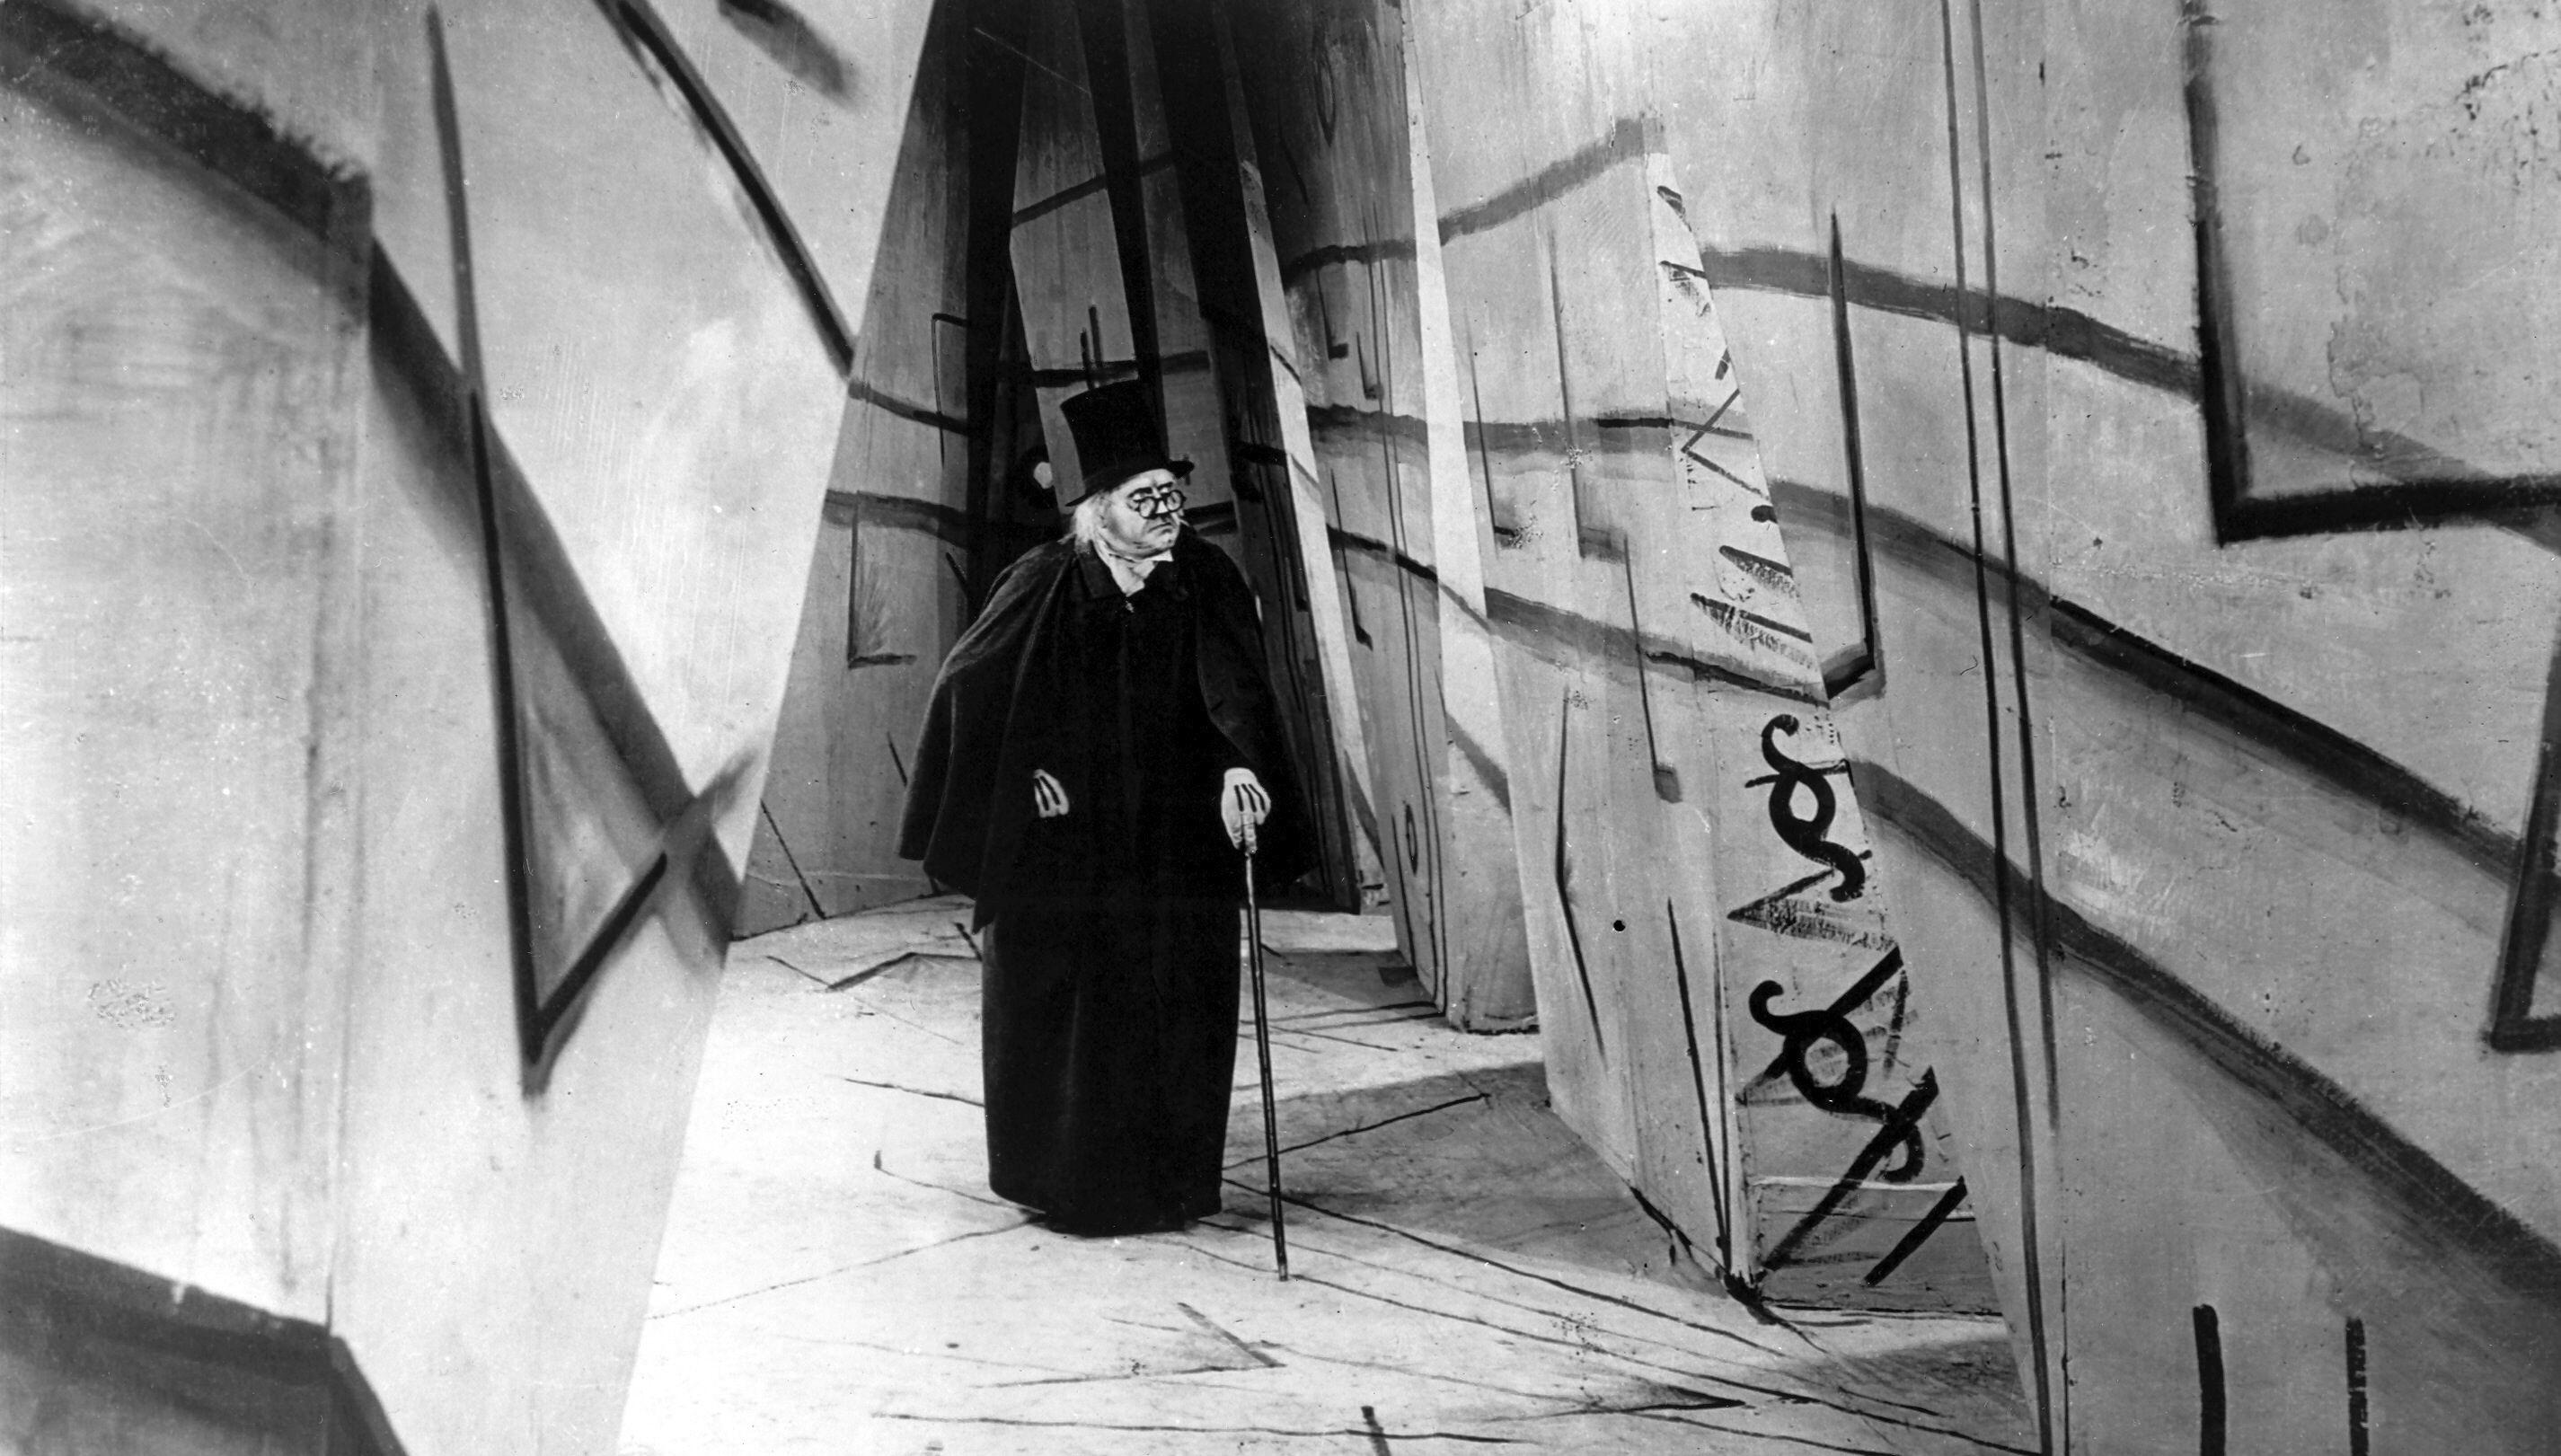 MUSICA MACCHINA – Das Cabinet des Dr. Caligari (Il gabinetto del dr. Caligari)